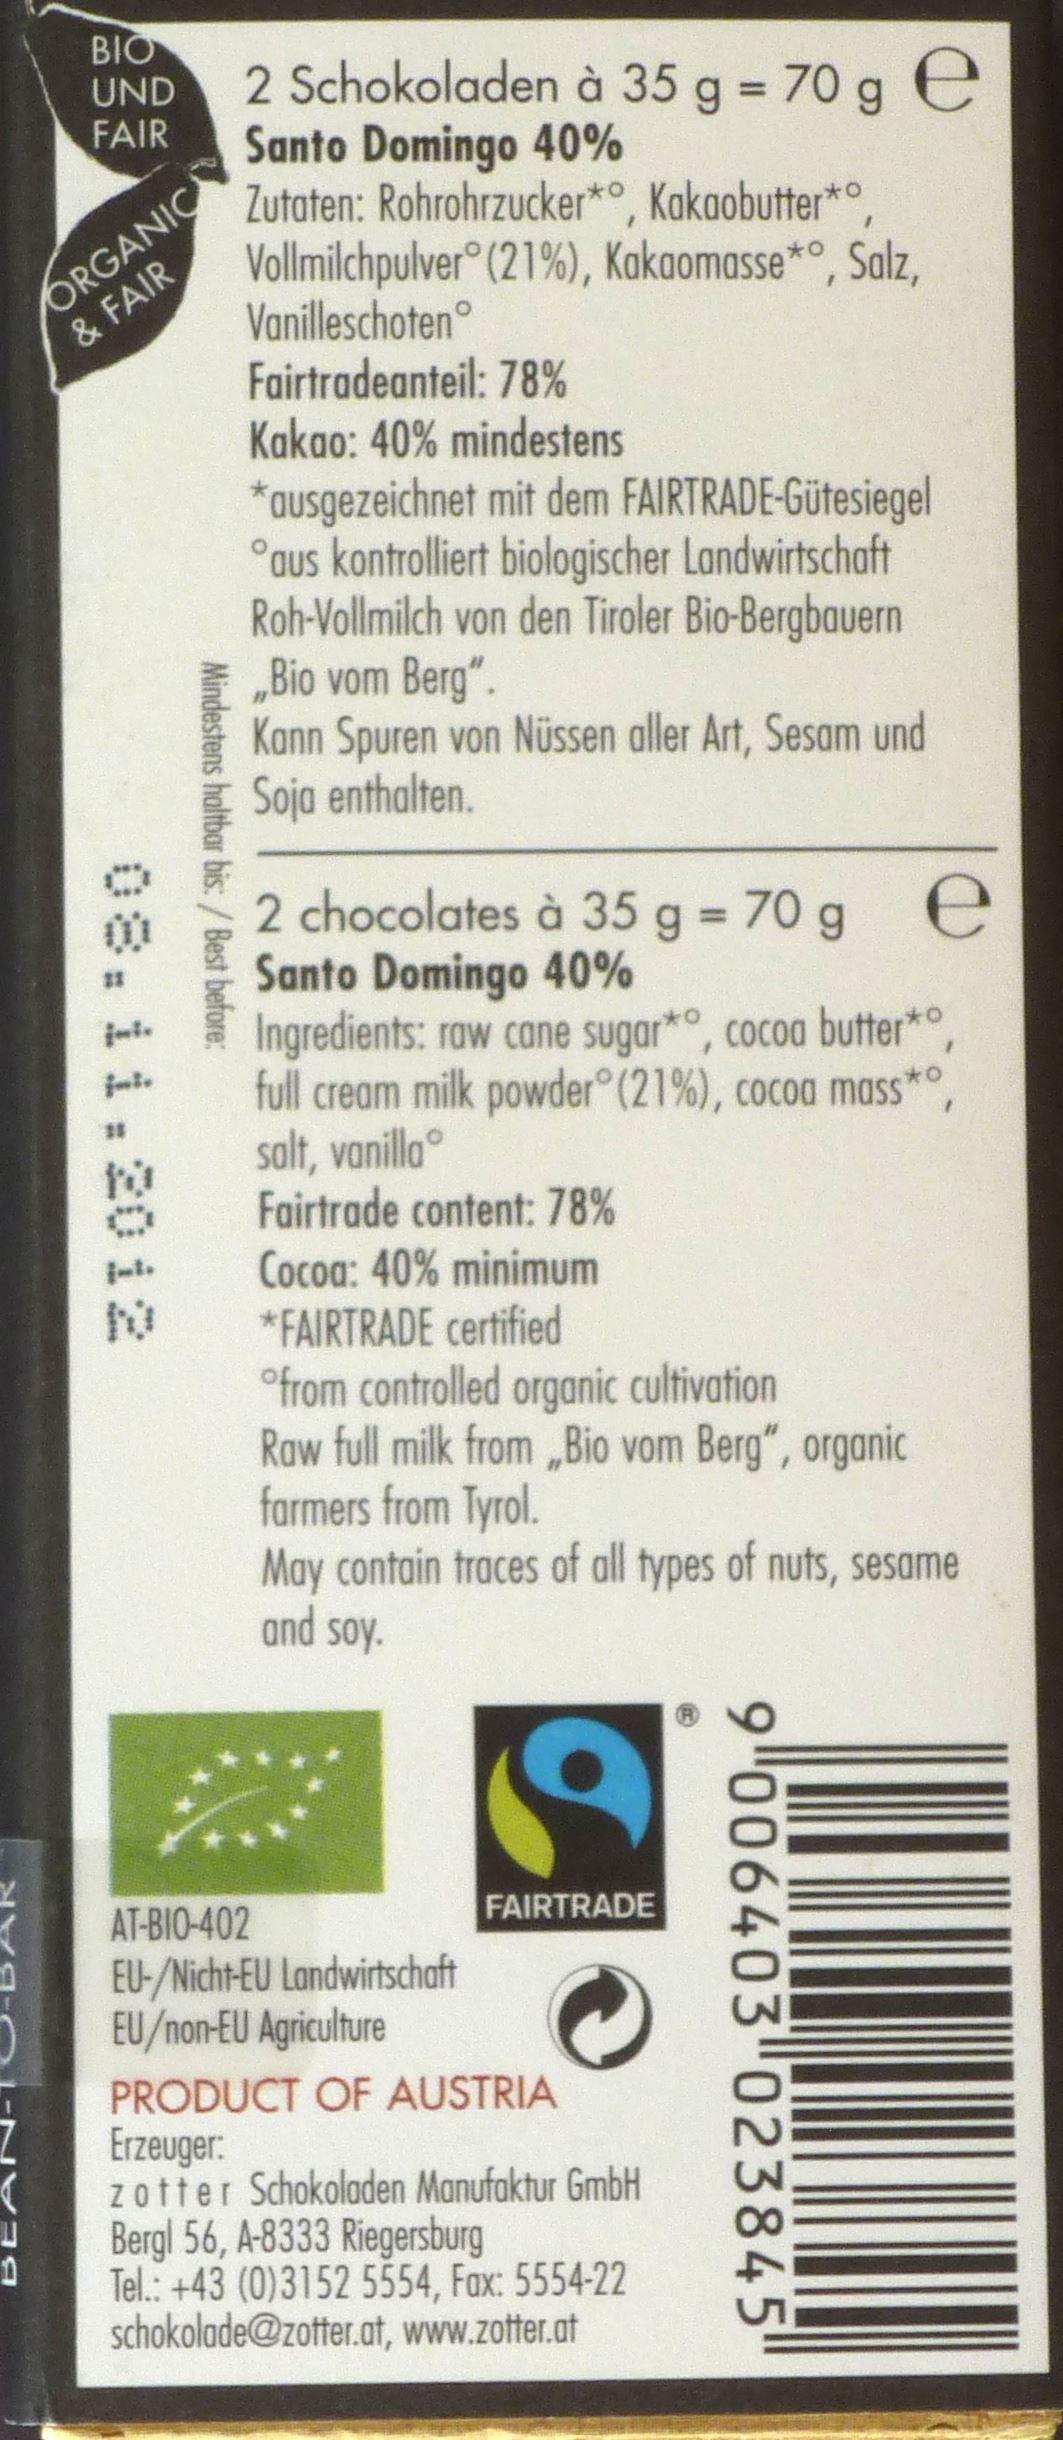 Rückseite einer Packung Labooko 40% Milchschokolade